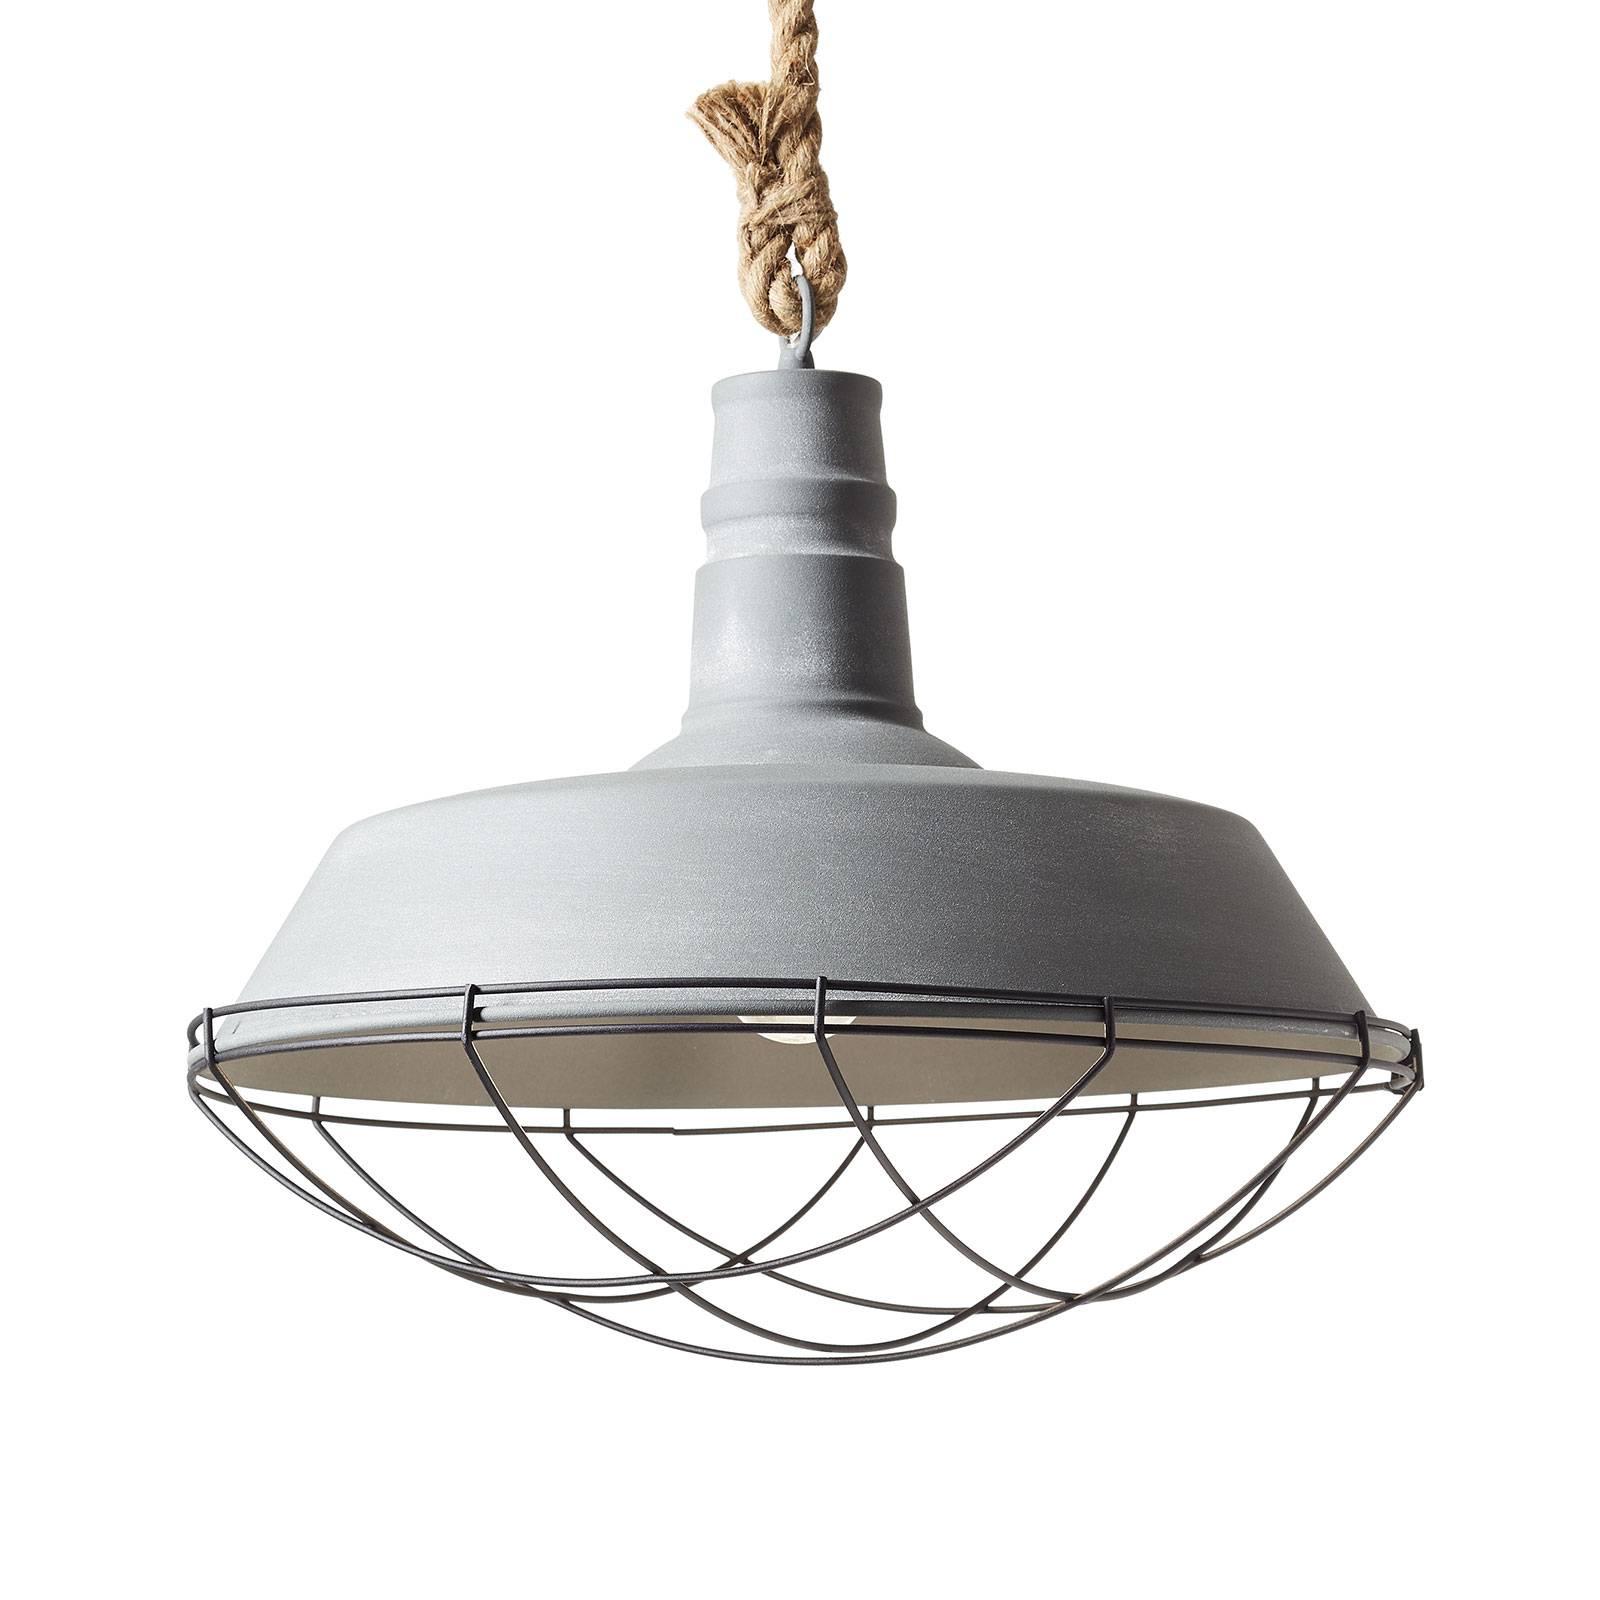 Lampa wisząca Rope w stylu industrialnym